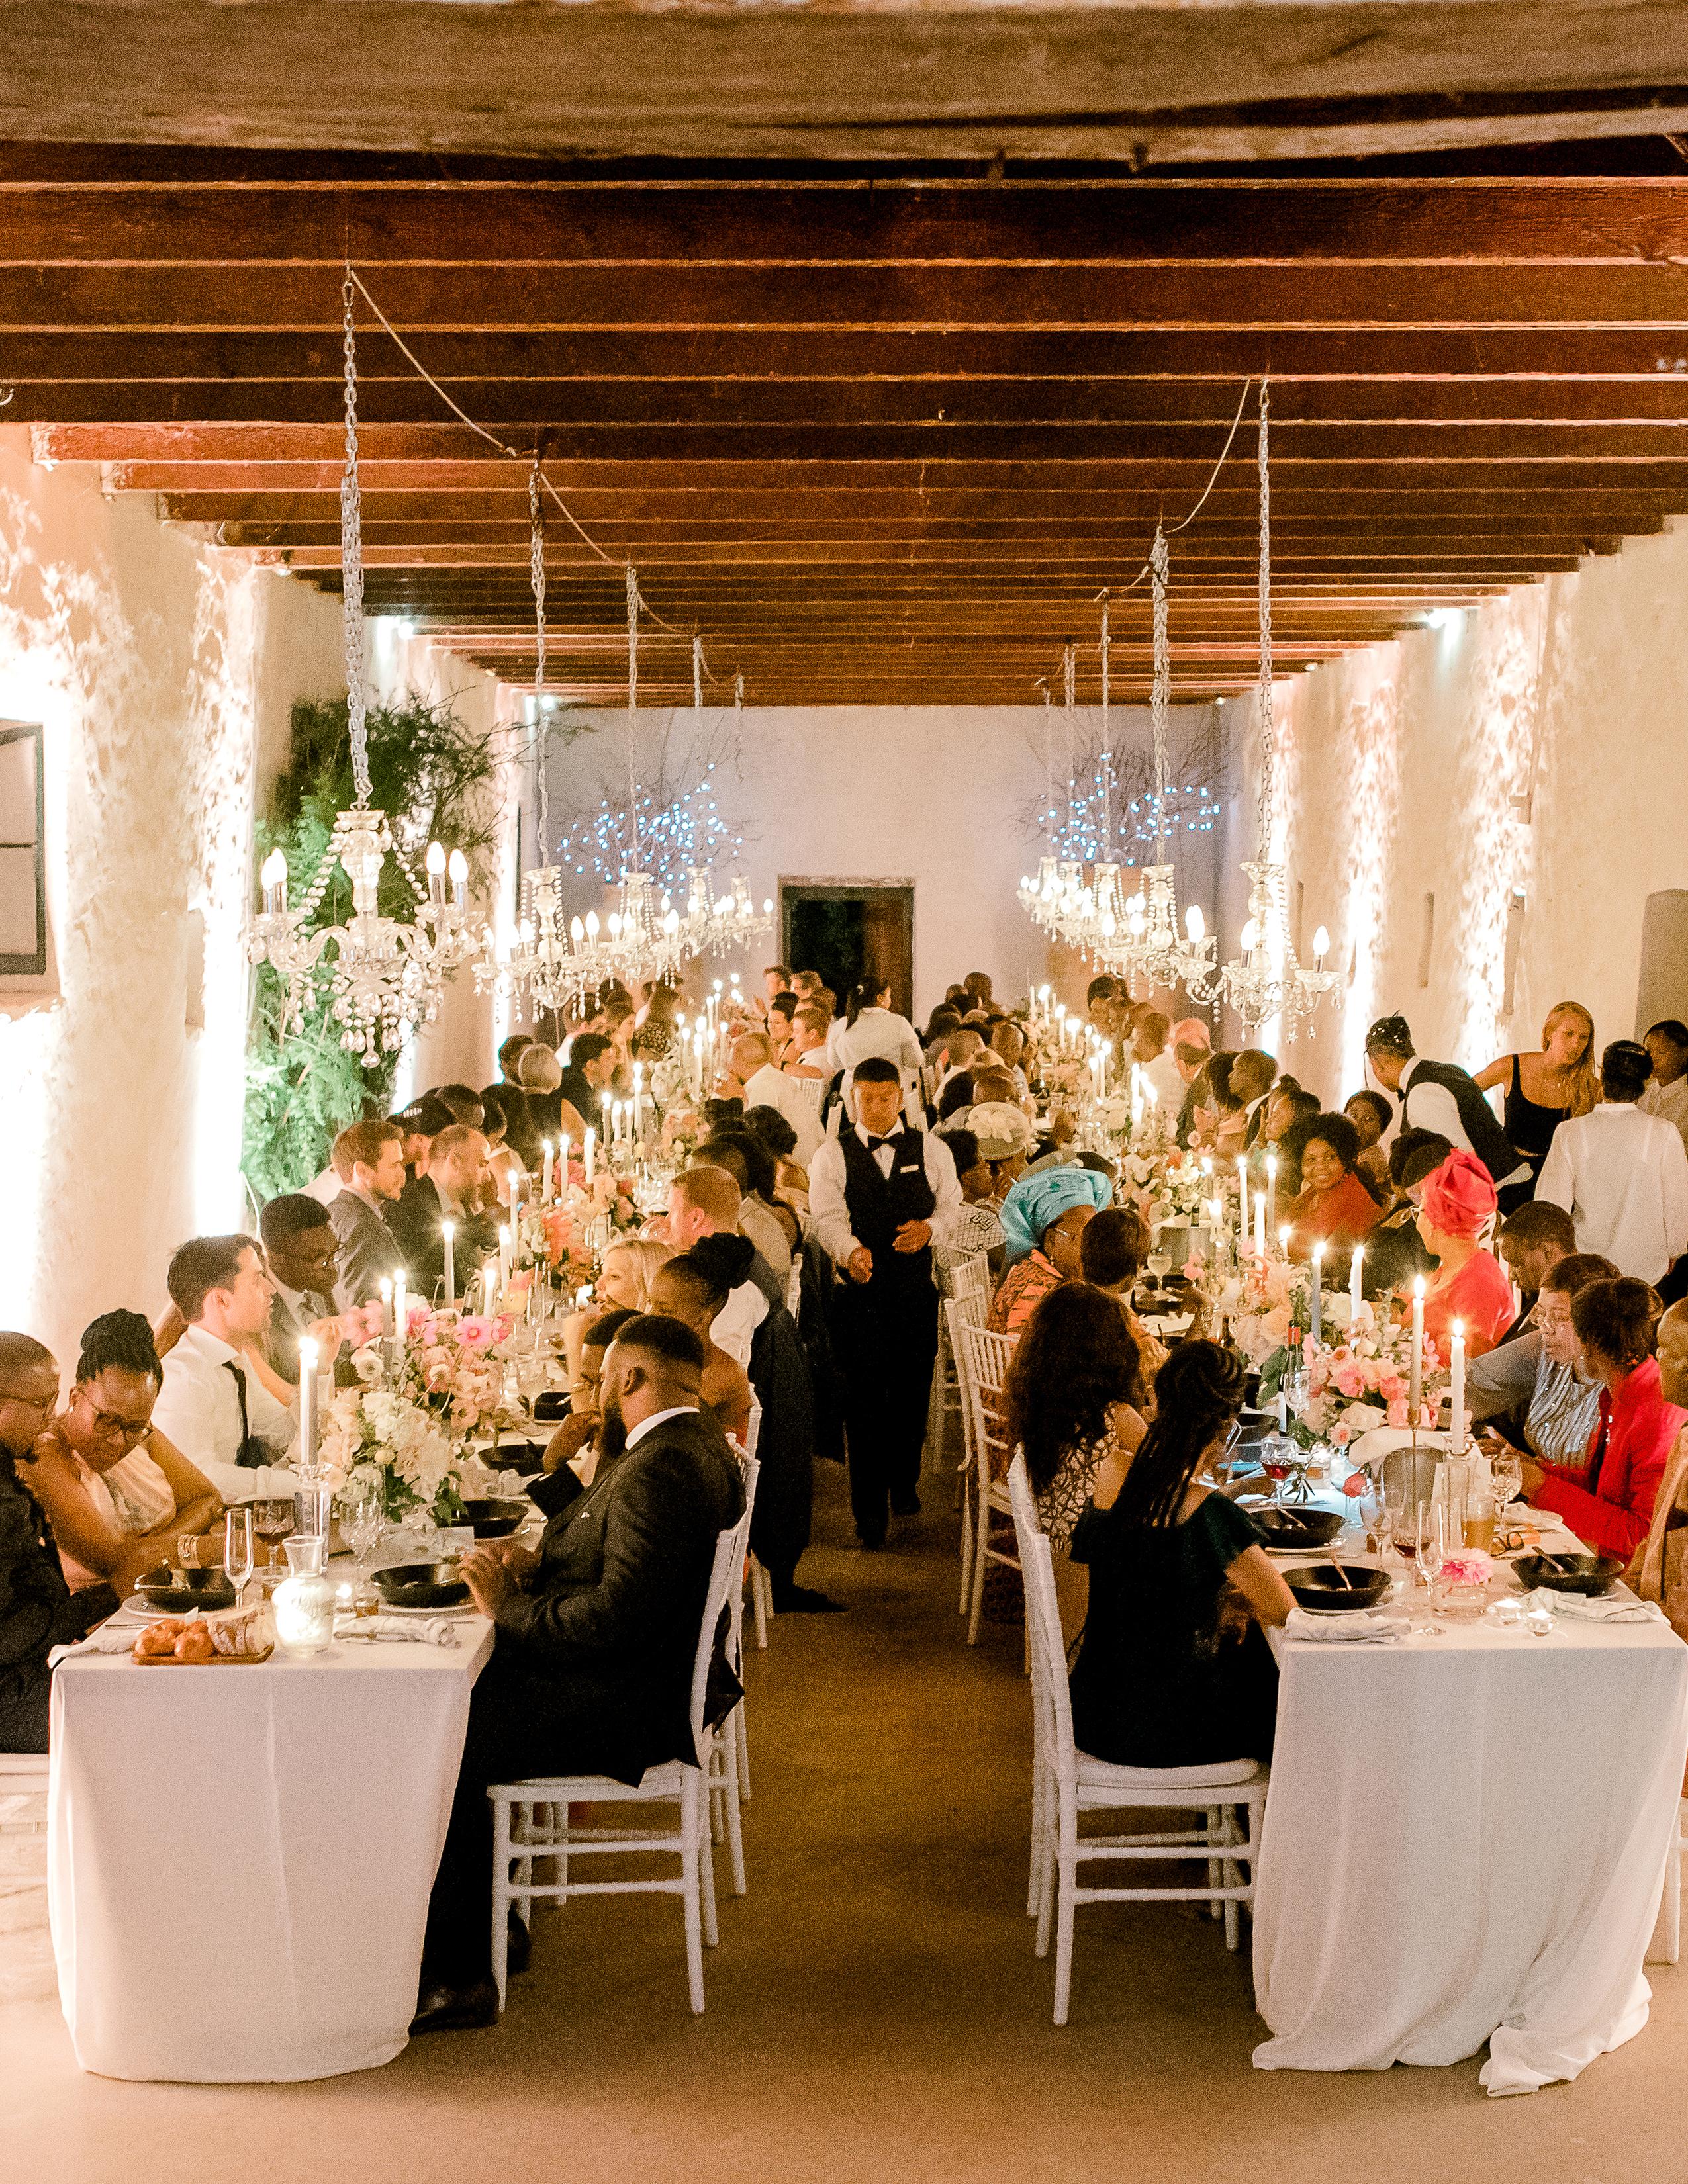 rorisang stephen wedding dinner